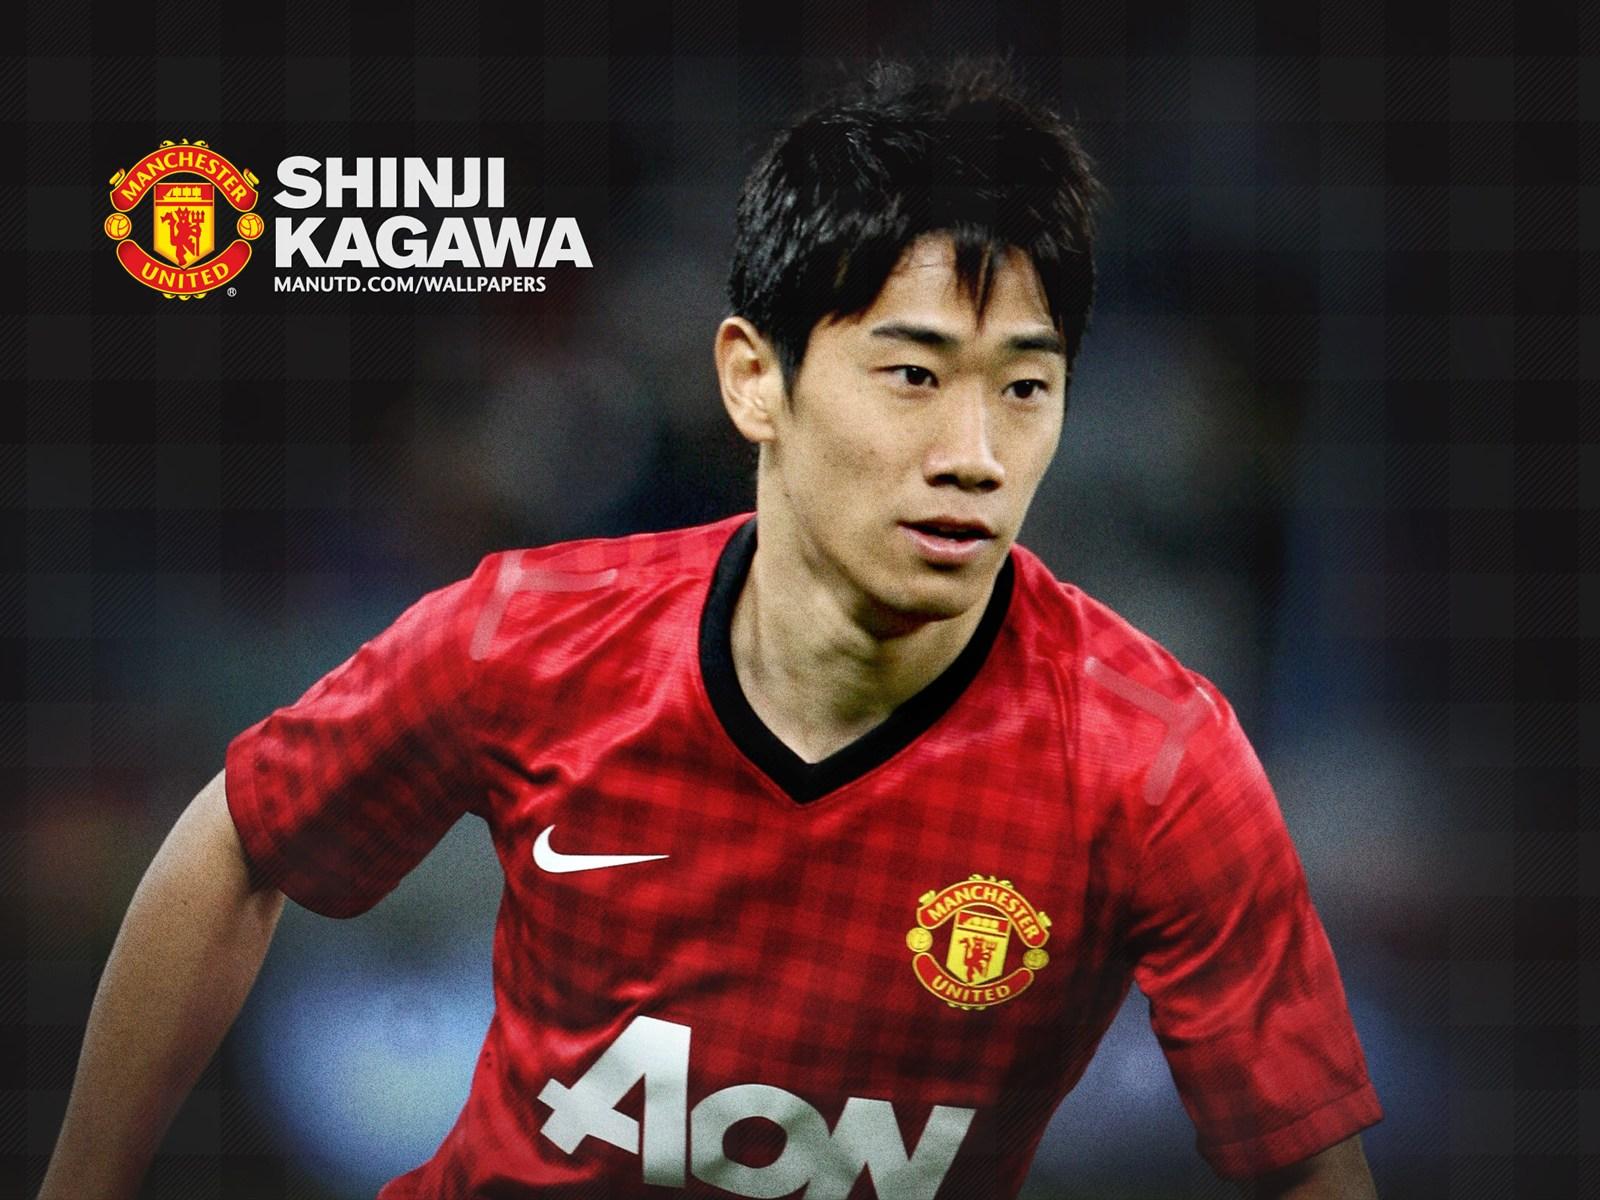 http://2.bp.blogspot.com/-dvxI4dN_Crc/UFbAghSnueI/AAAAAAAAAD0/PowrnXDoQZU/s1600/Shinji+Kagawa+wallpapers.jpeg